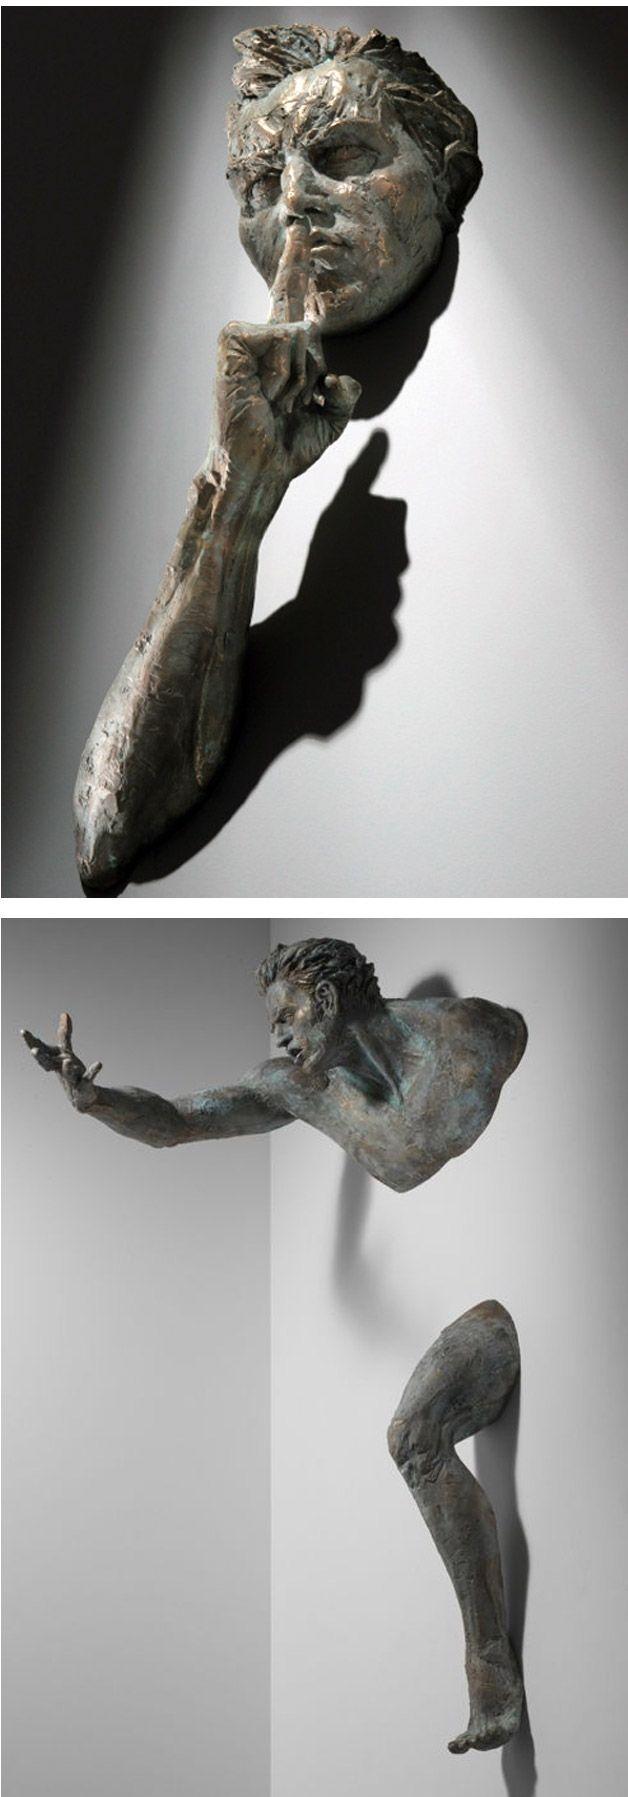 O artistaMatteo Pugliese criou um projeto sensacional de esculturas em bronze que nascem da parede.      ...